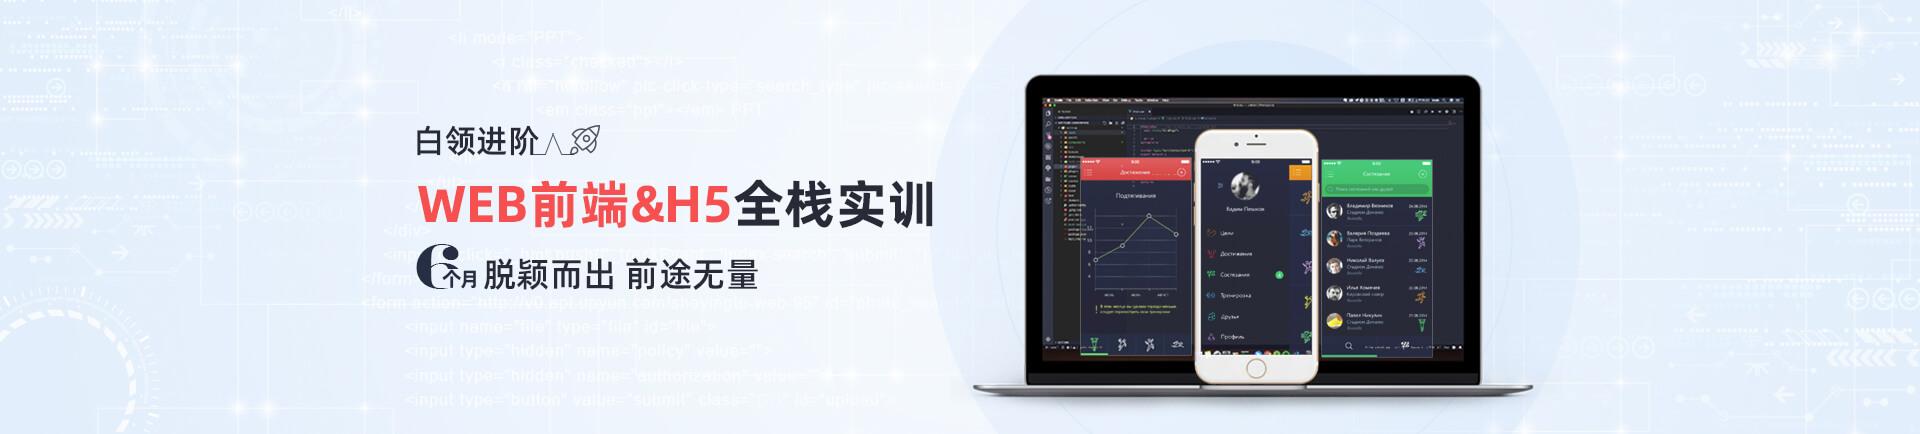 10-6个月WEB前端&H5全栈实训